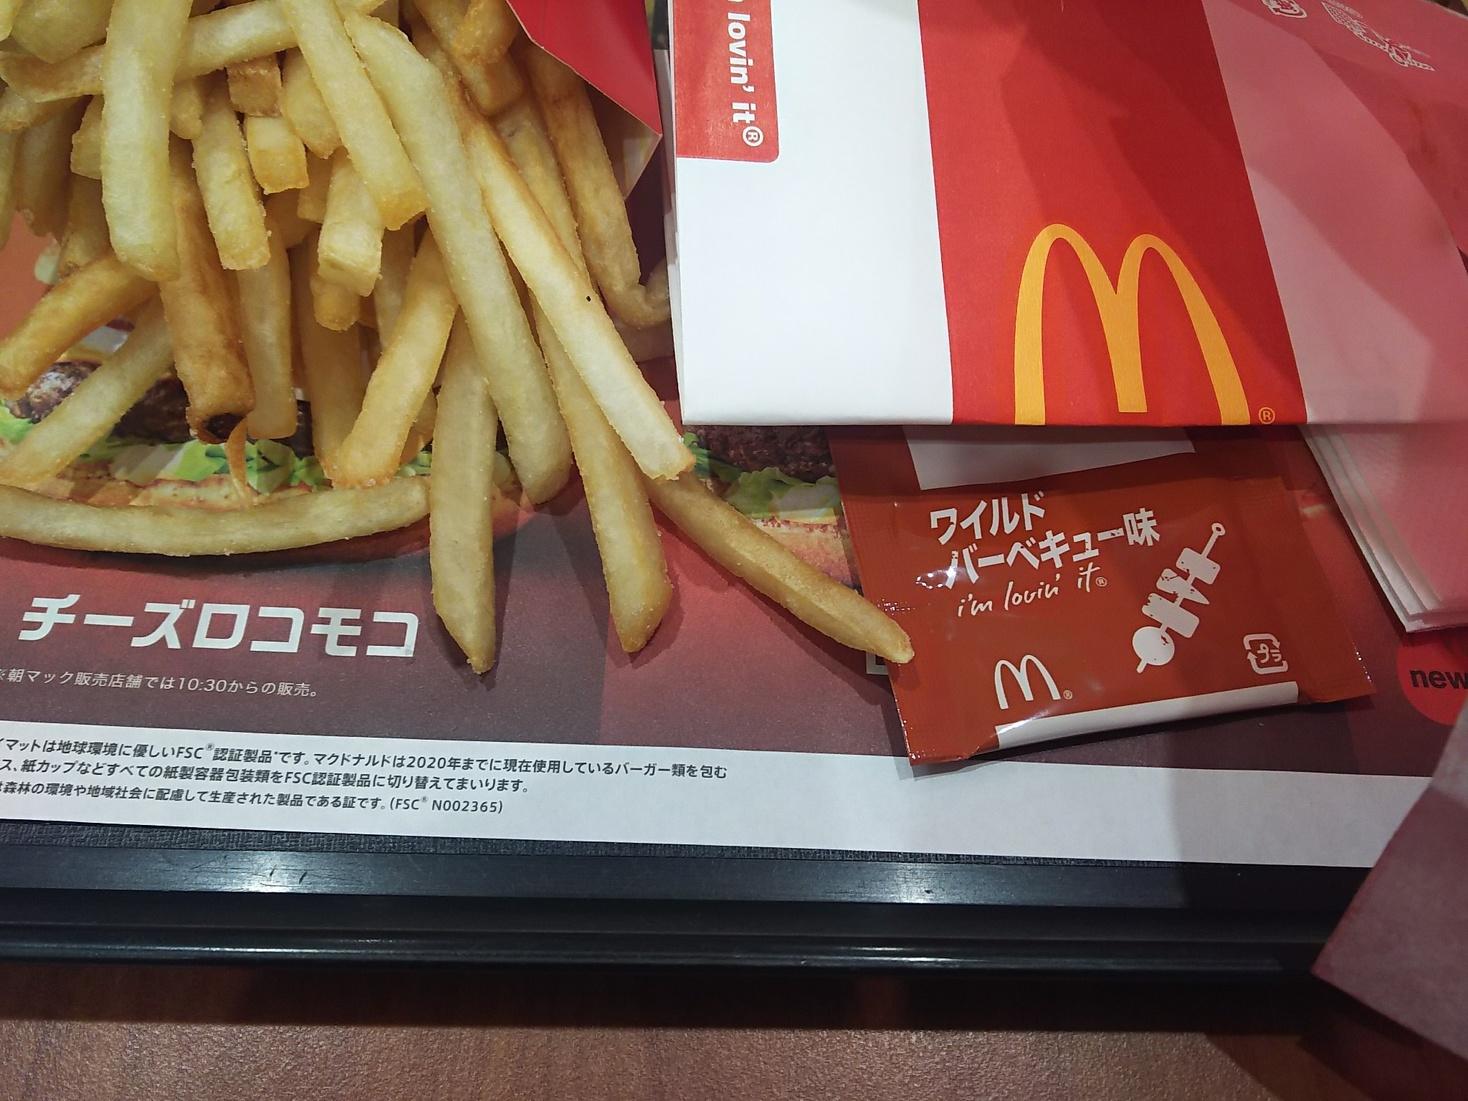 マクドナルド イオン清水店 name=